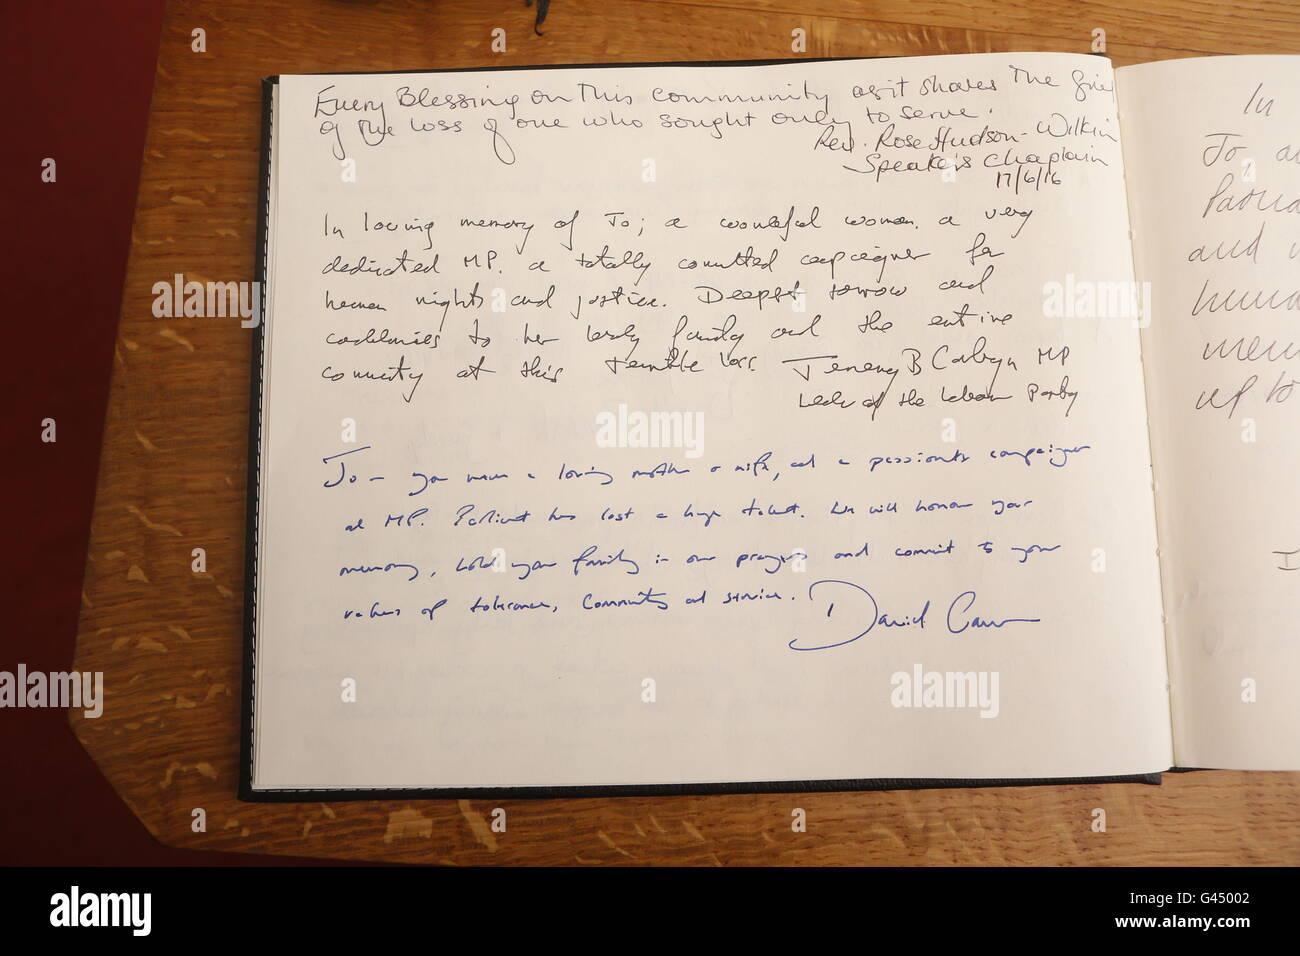 Des Messages De Condoléances écrit Par Le Premier Ministre